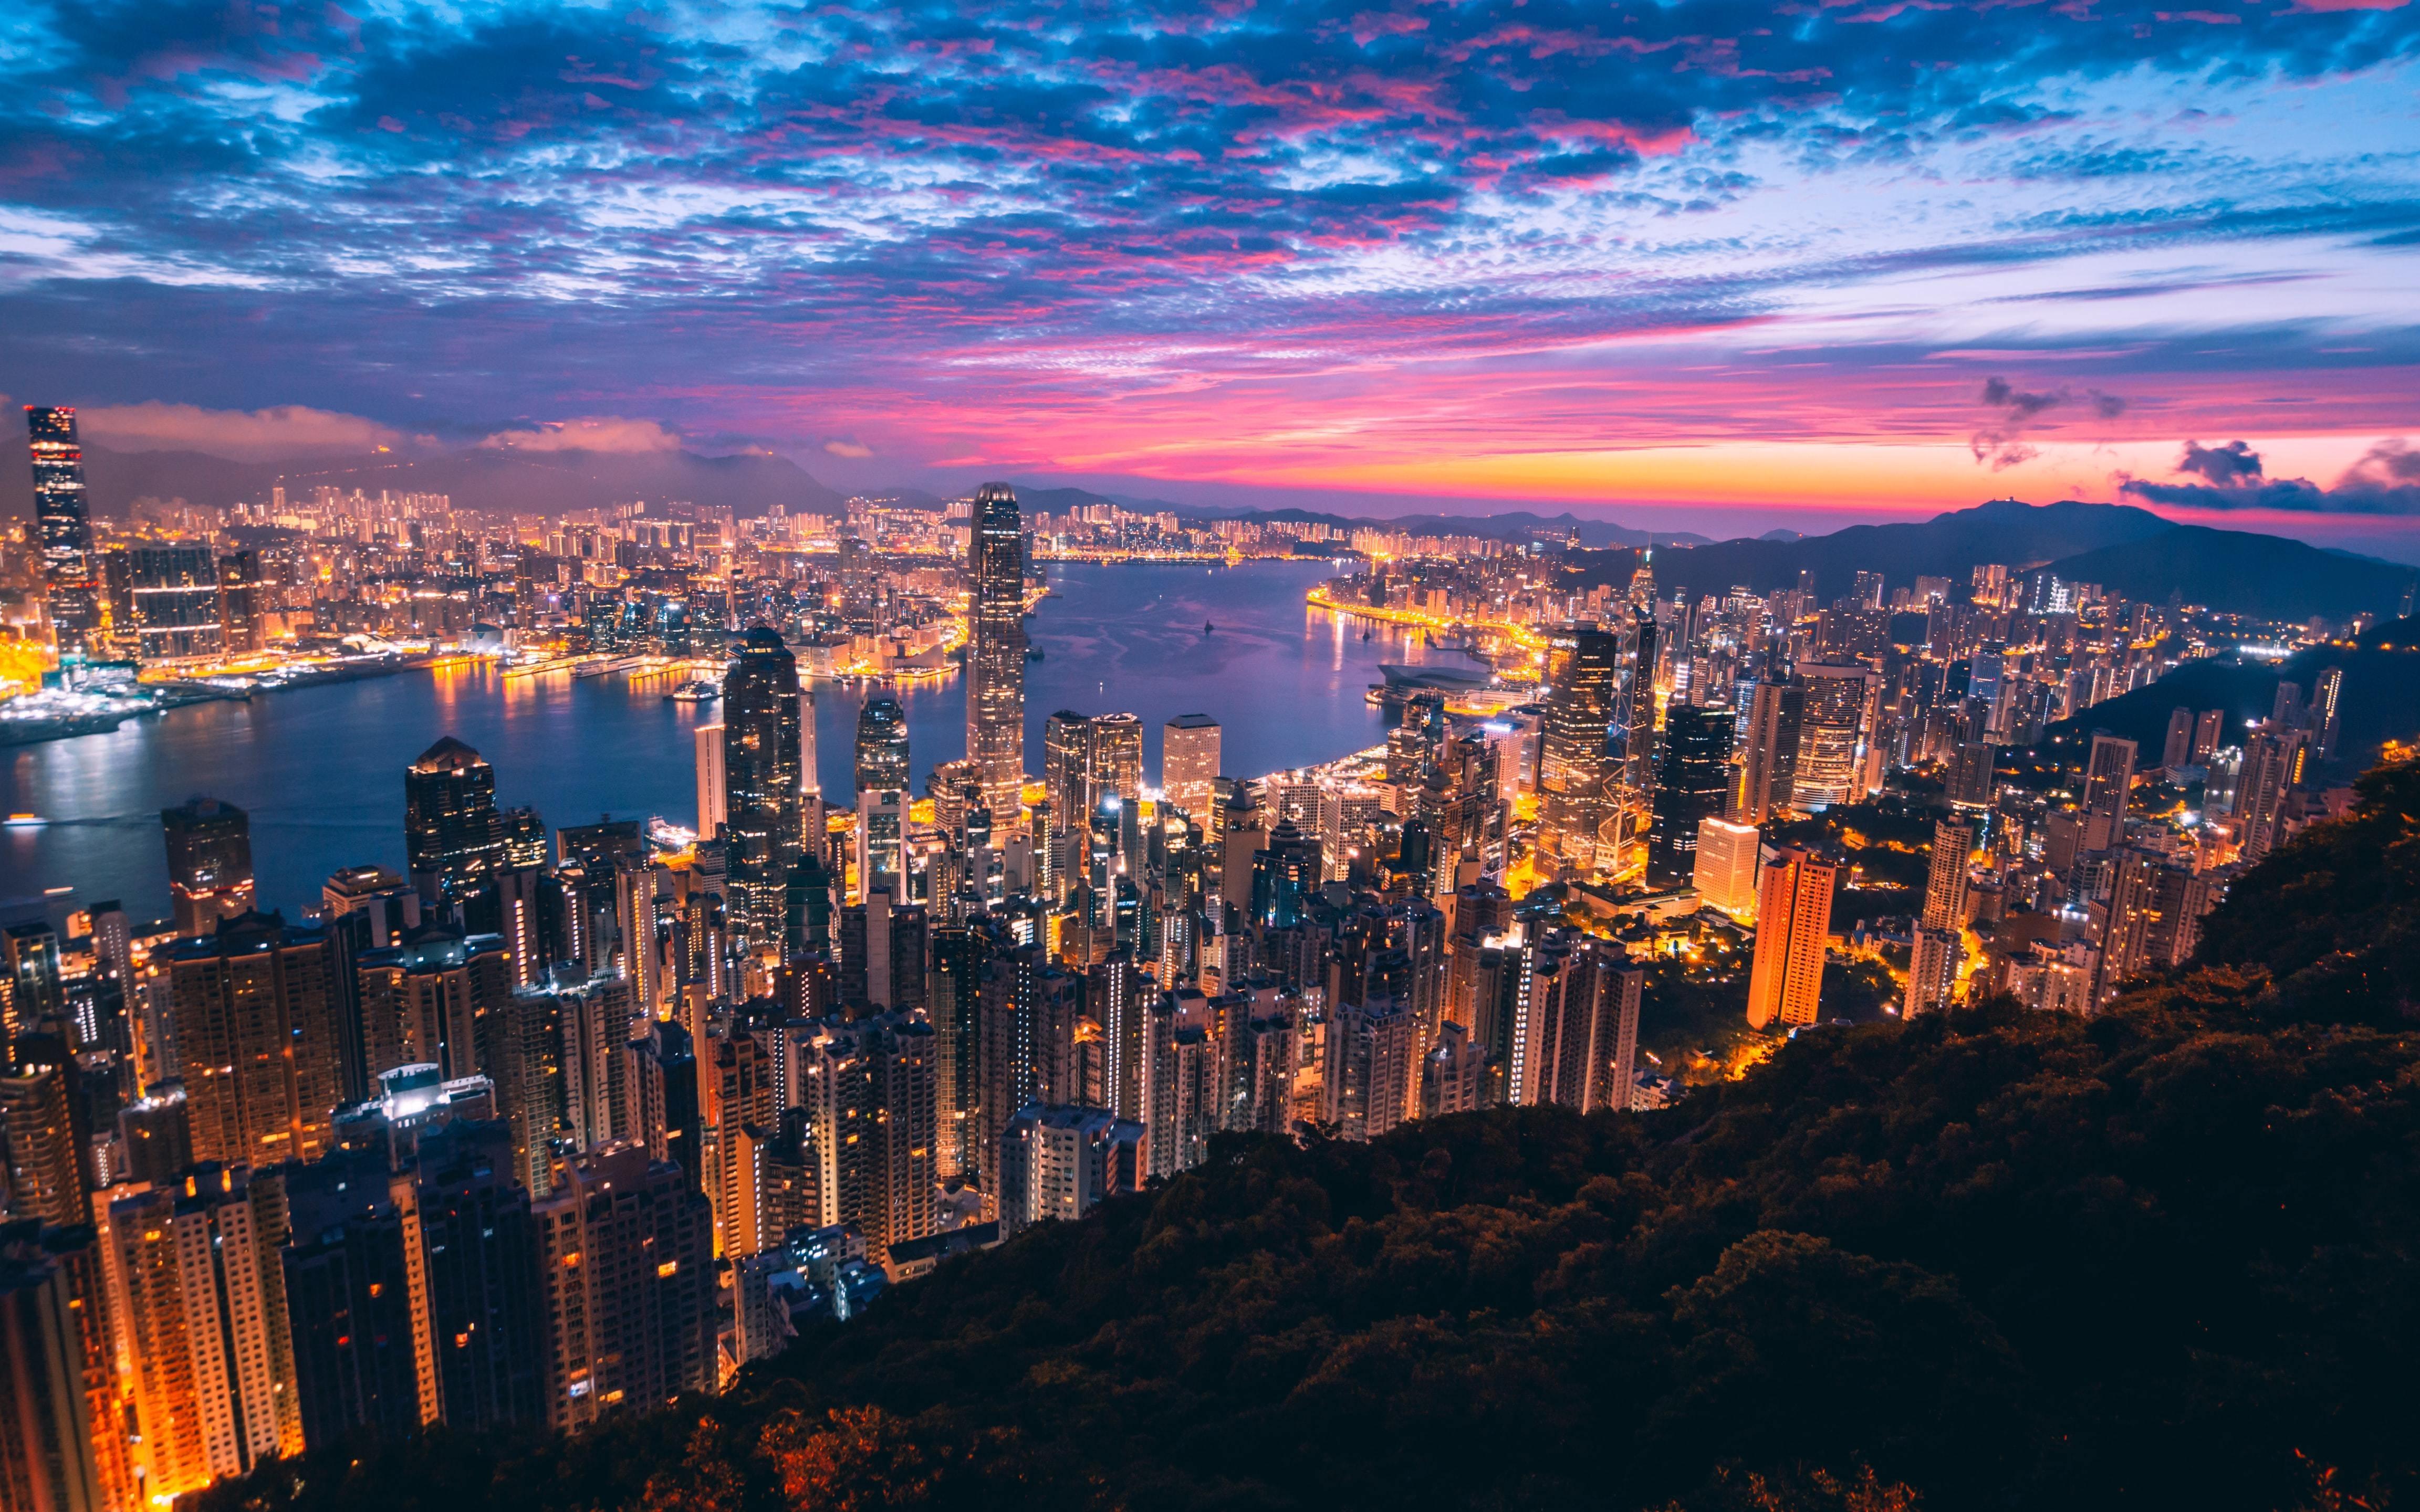 Hong Kong skyline at night.